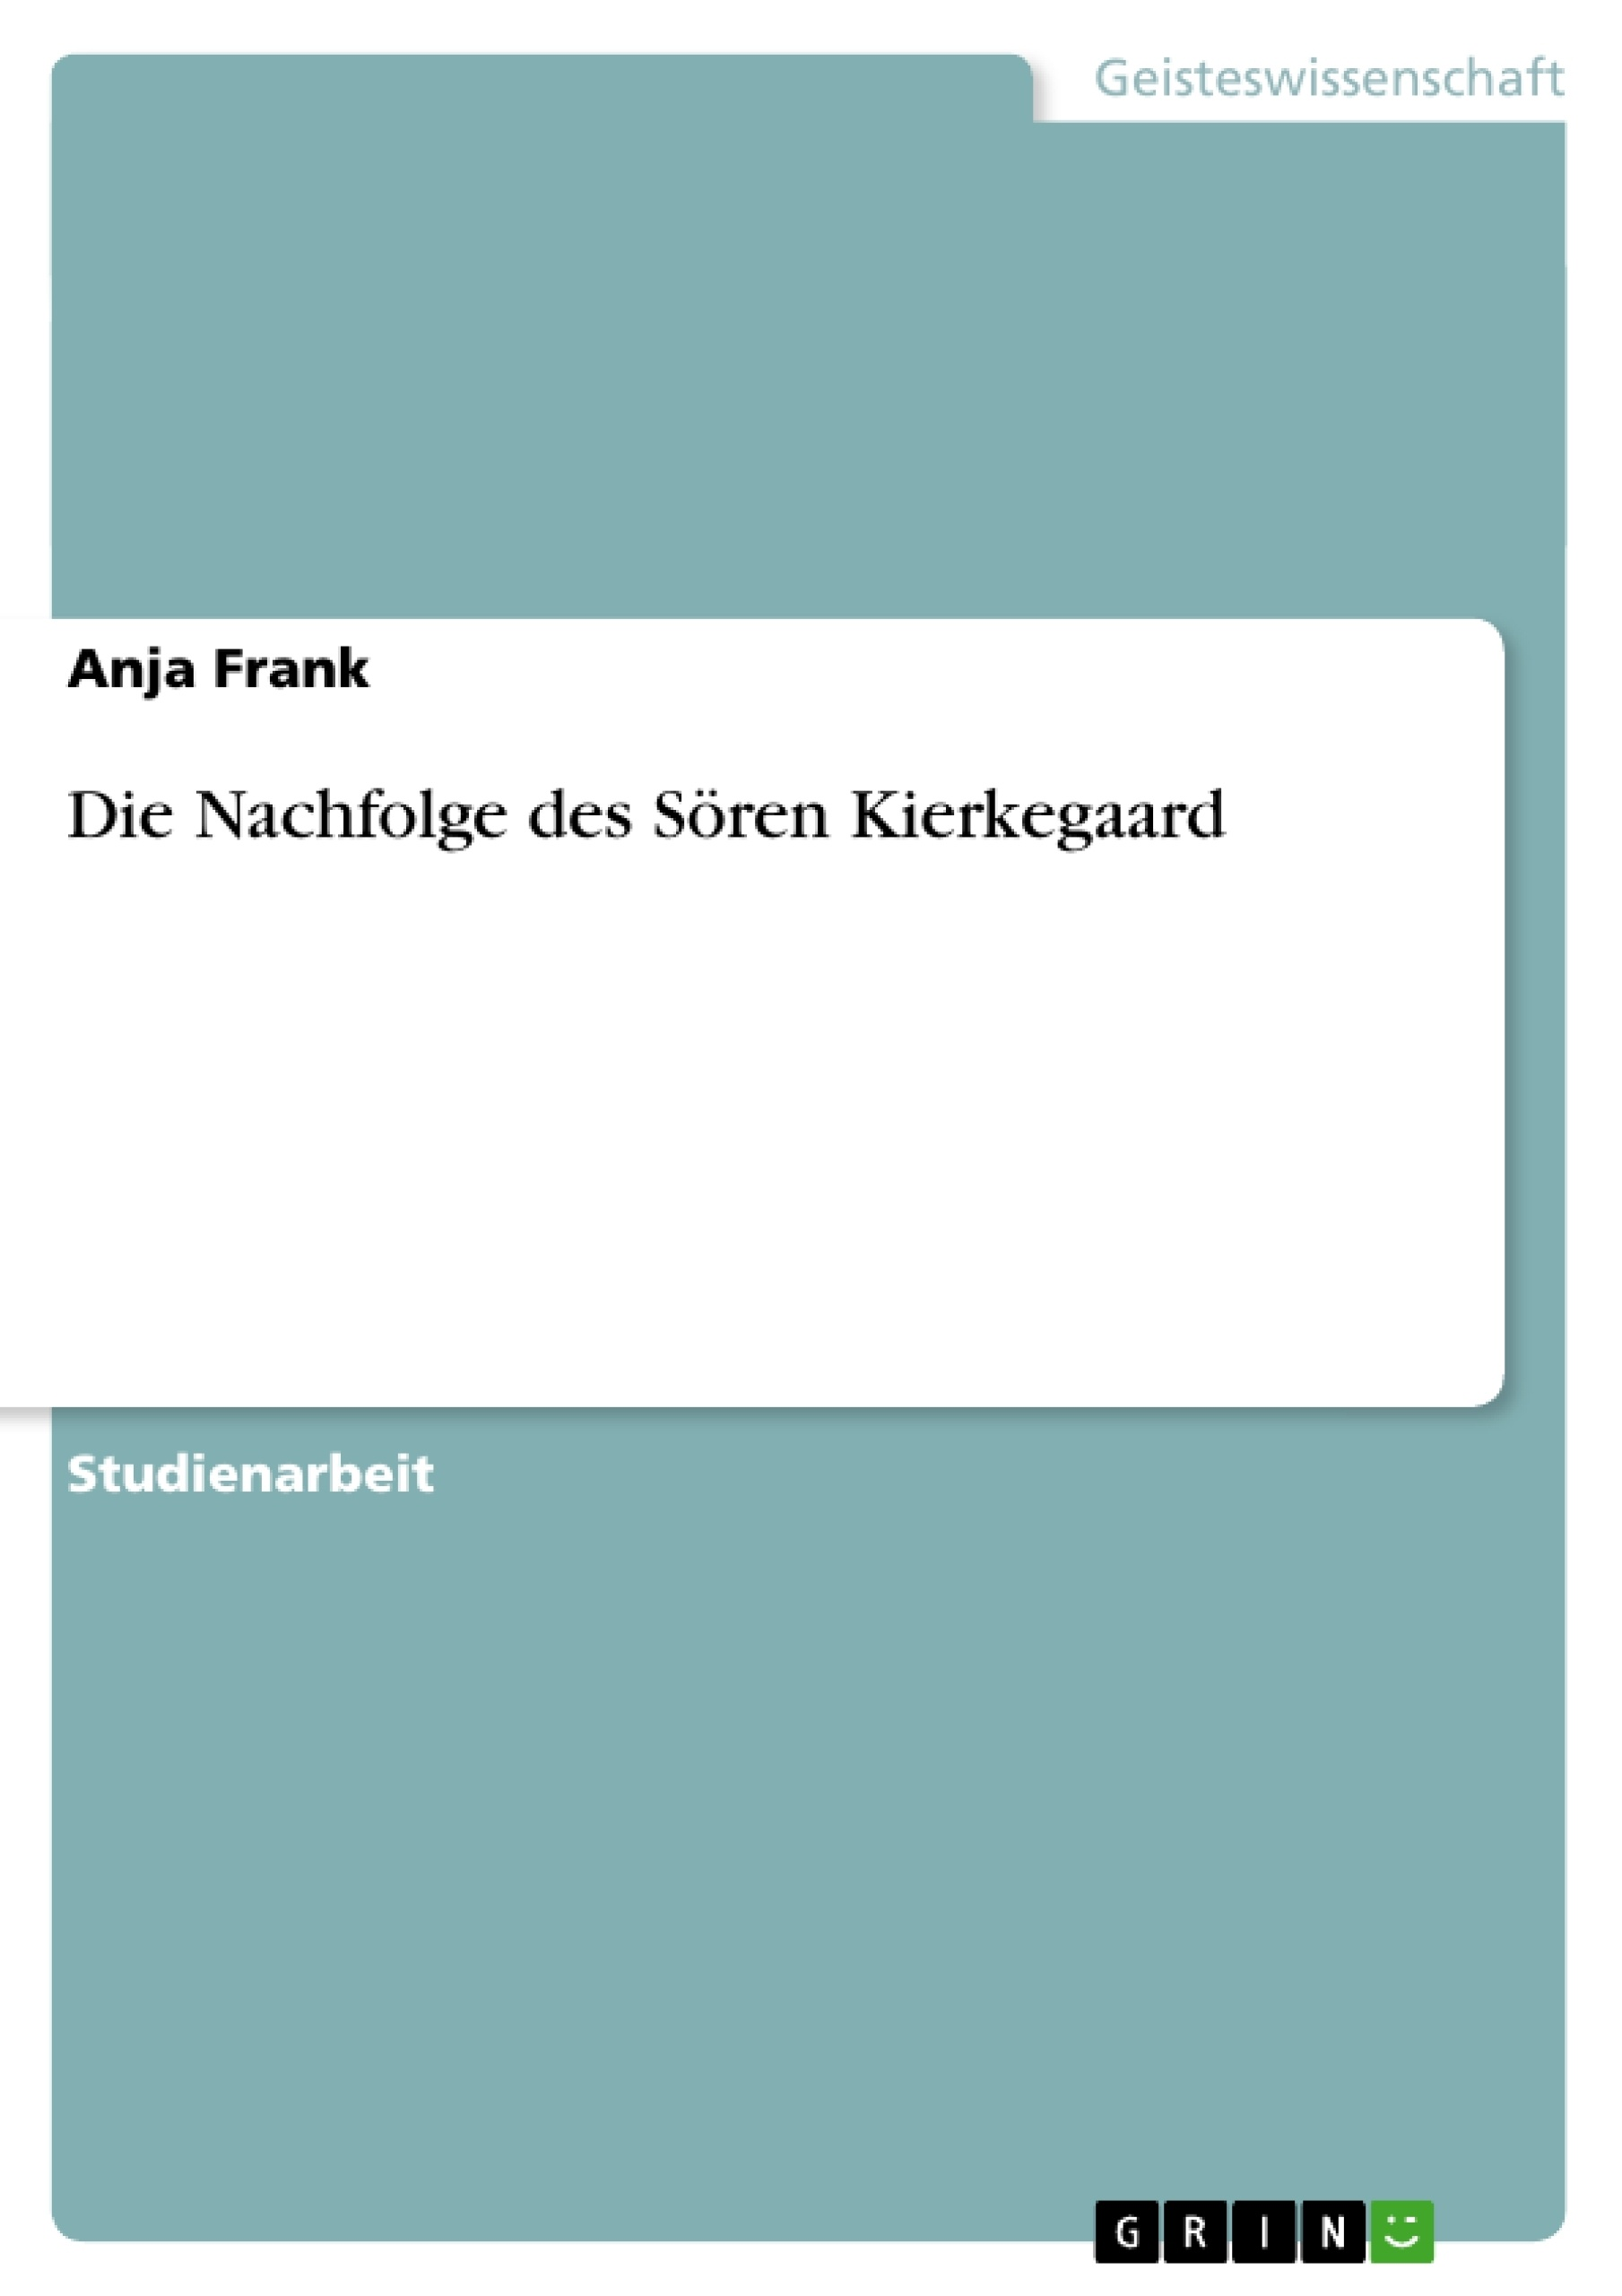 Titel: Die Nachfolge des Sören Kierkegaard